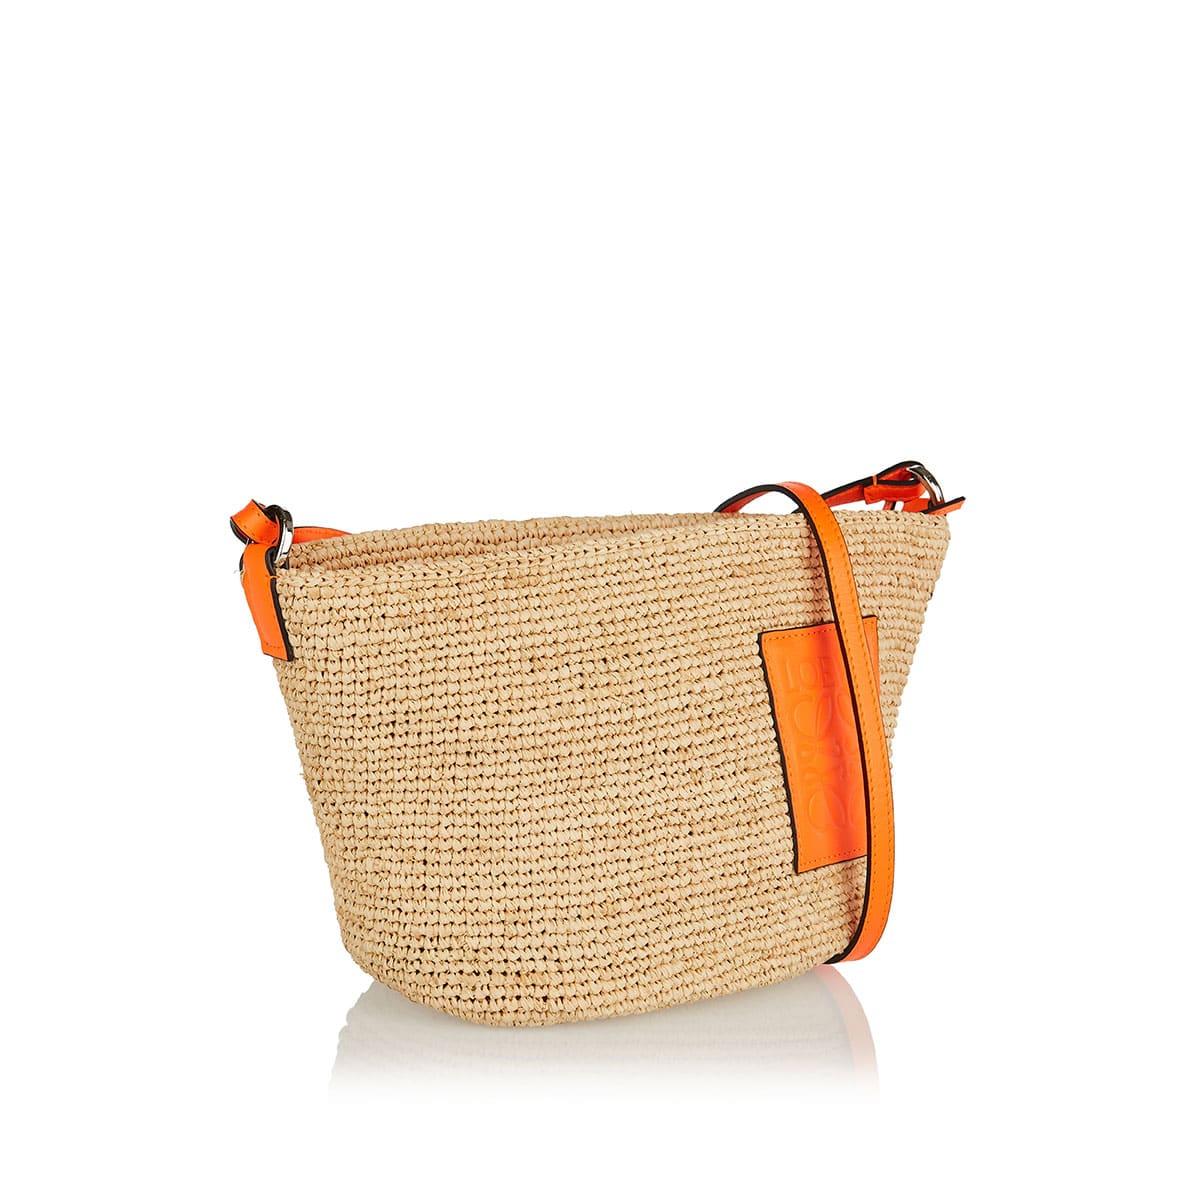 Pochette raffia basket bag